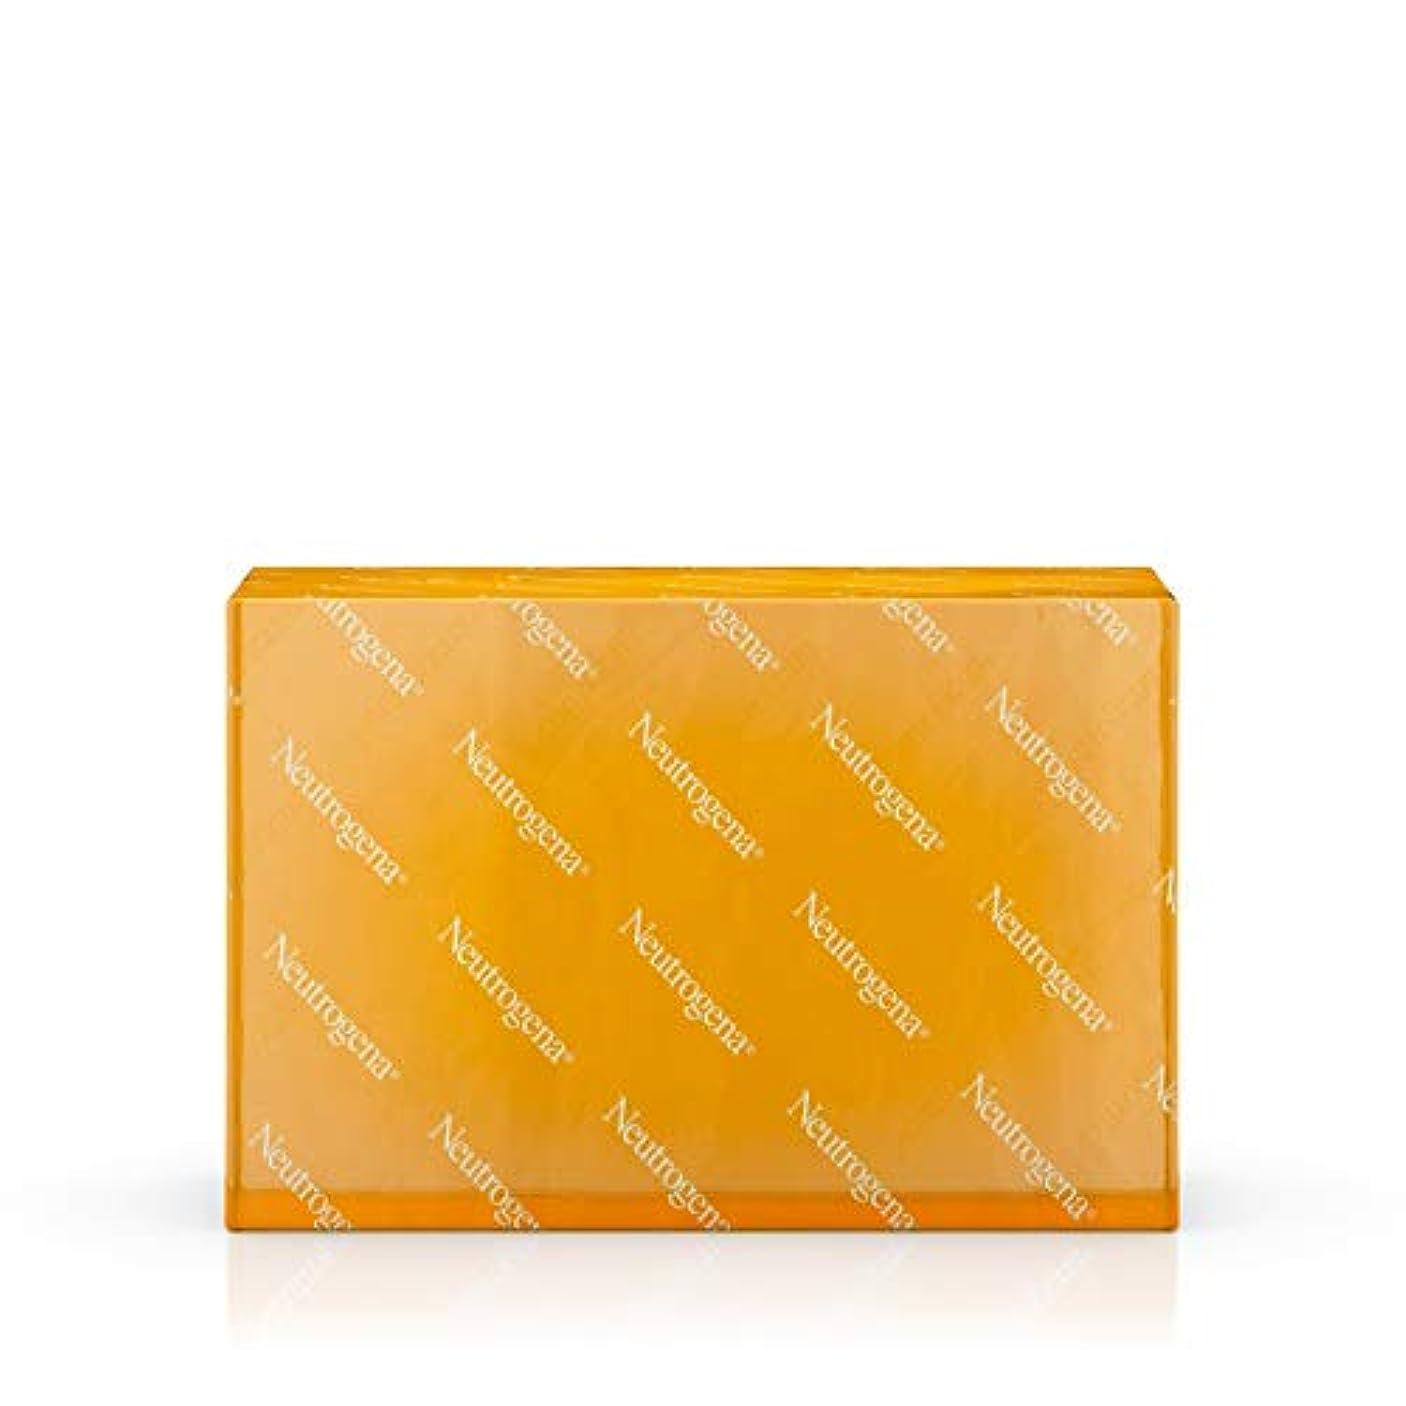 肥満不調和ハリウッド海外直送品 Neutrogena Neutrogena Transparent Facial Bar Soap Fragrance Free, Fragrance Free 3.5 oz